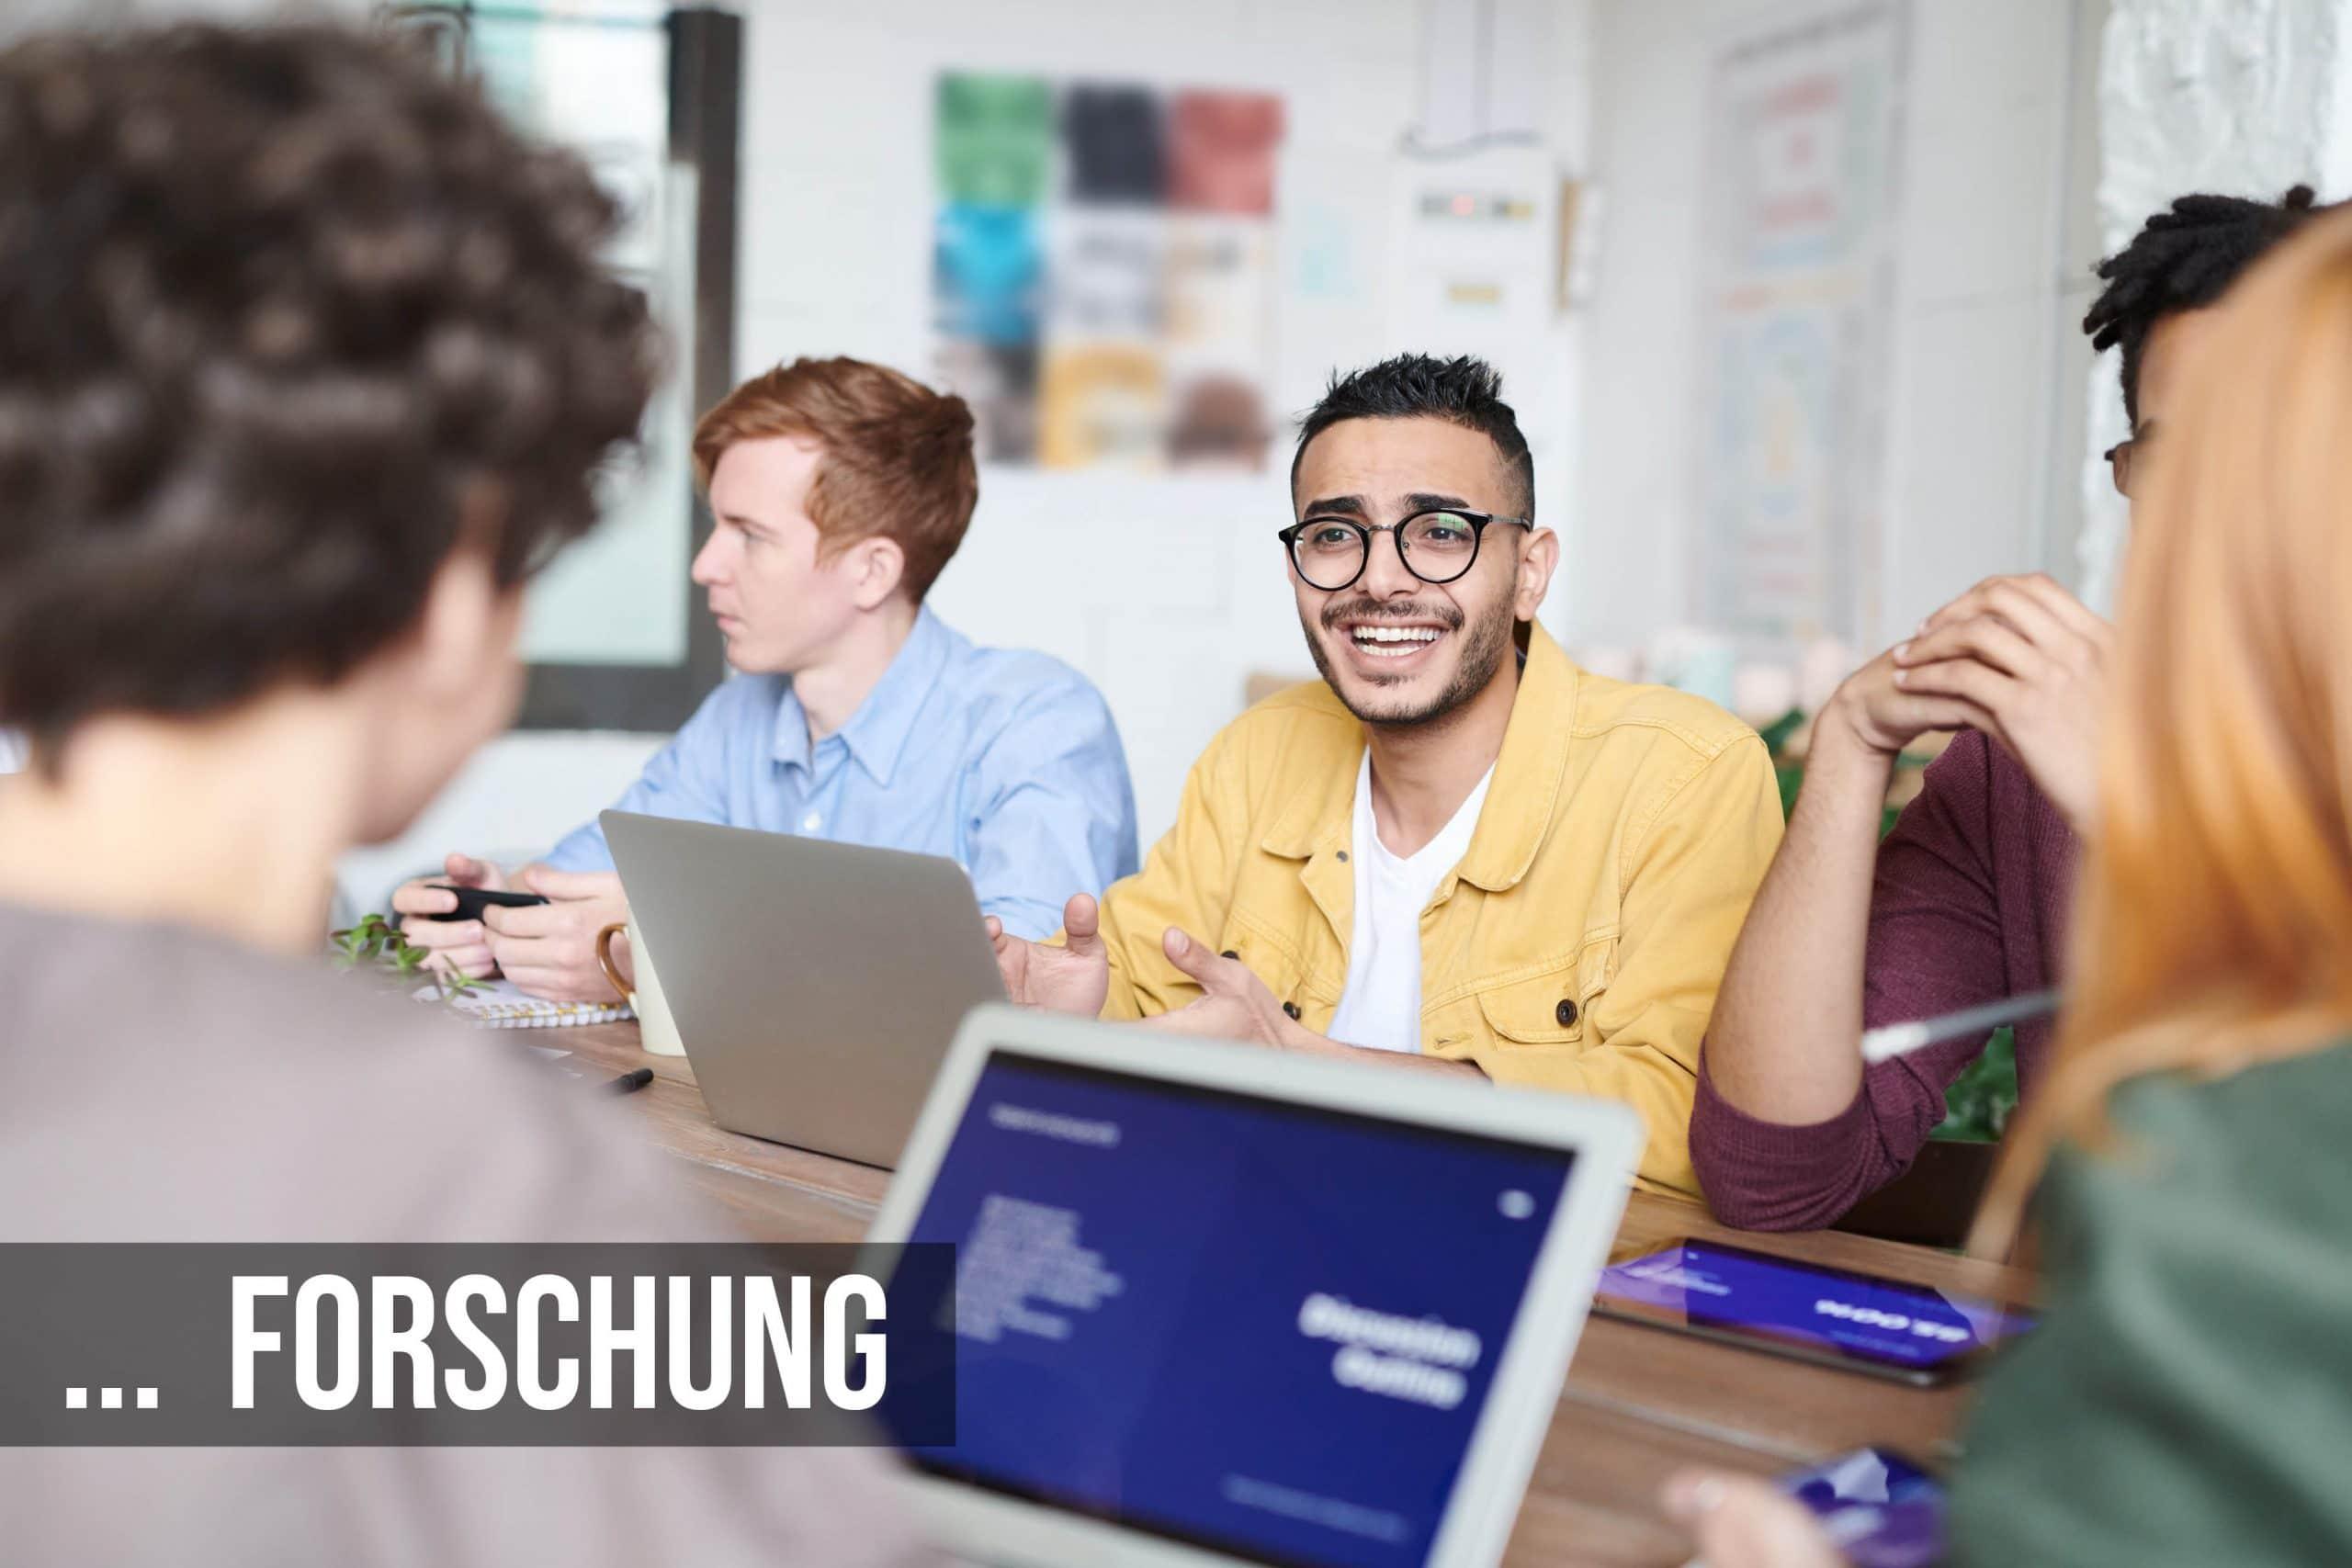 Forschung Mitarbeiter entwickeln gemeinsam Ideen